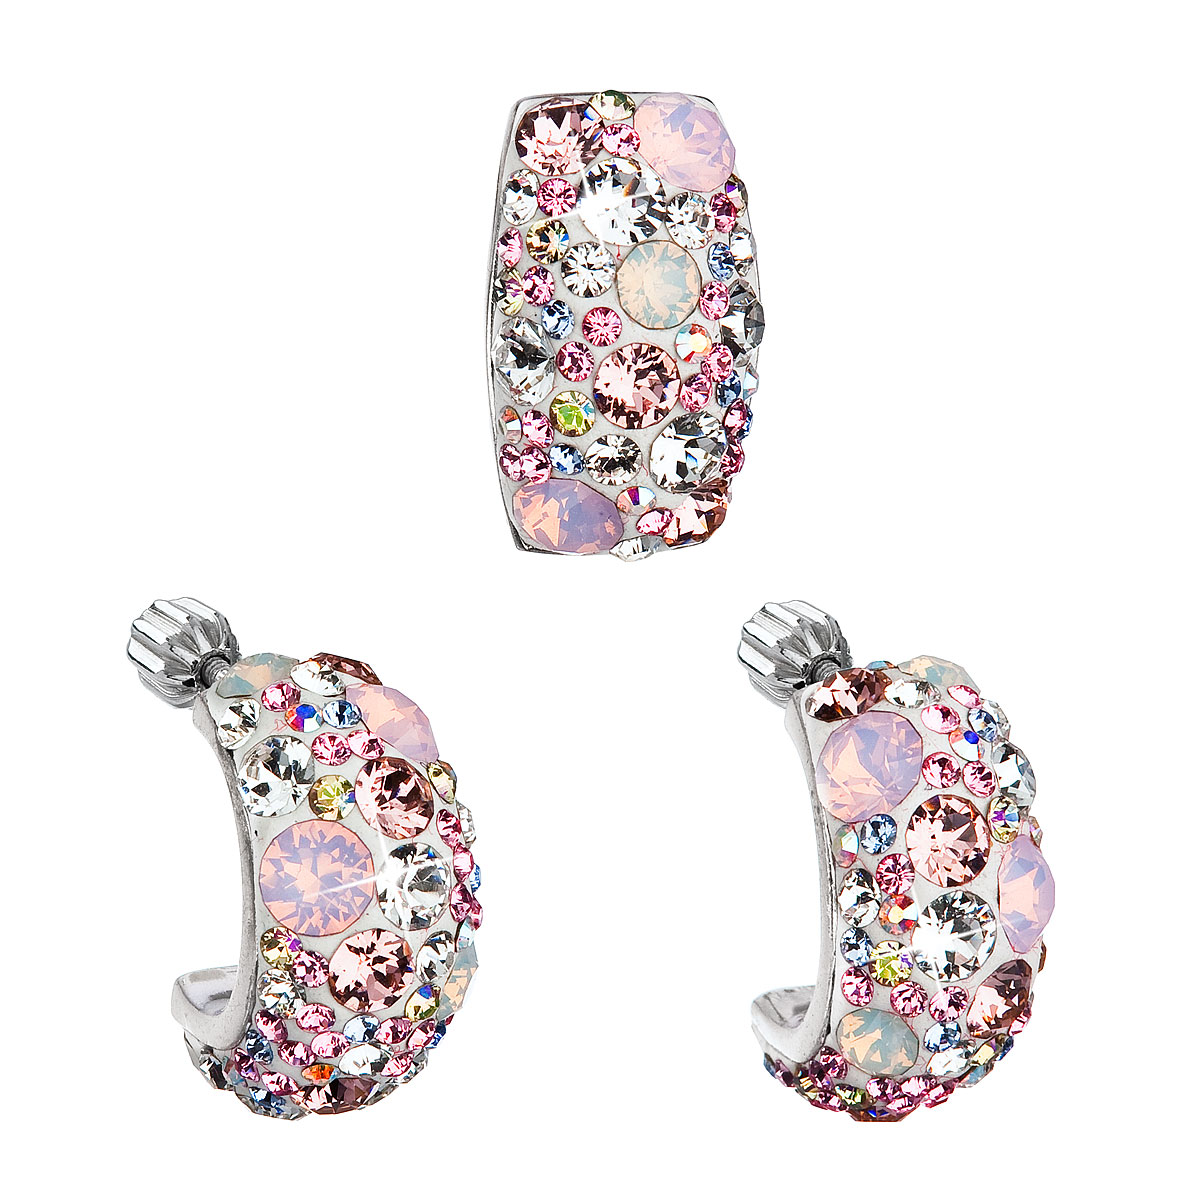 Sada šperkov s krištáľmi Swarovski náušnice a prívesok ružový obdĺžnik 39116.3